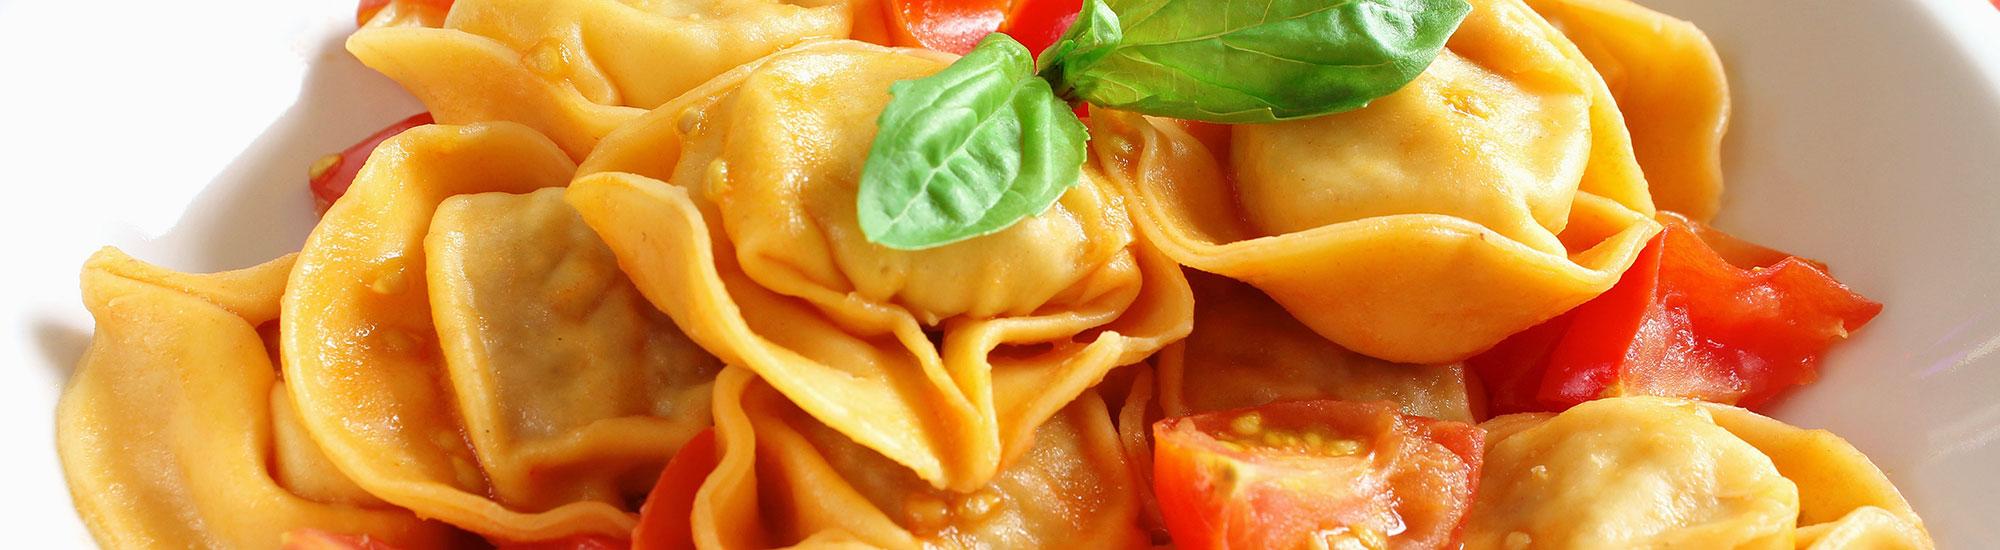 ricetta Tortelloni ai formaggi di Tremosine con pomodorini e basilico con pasta fresca